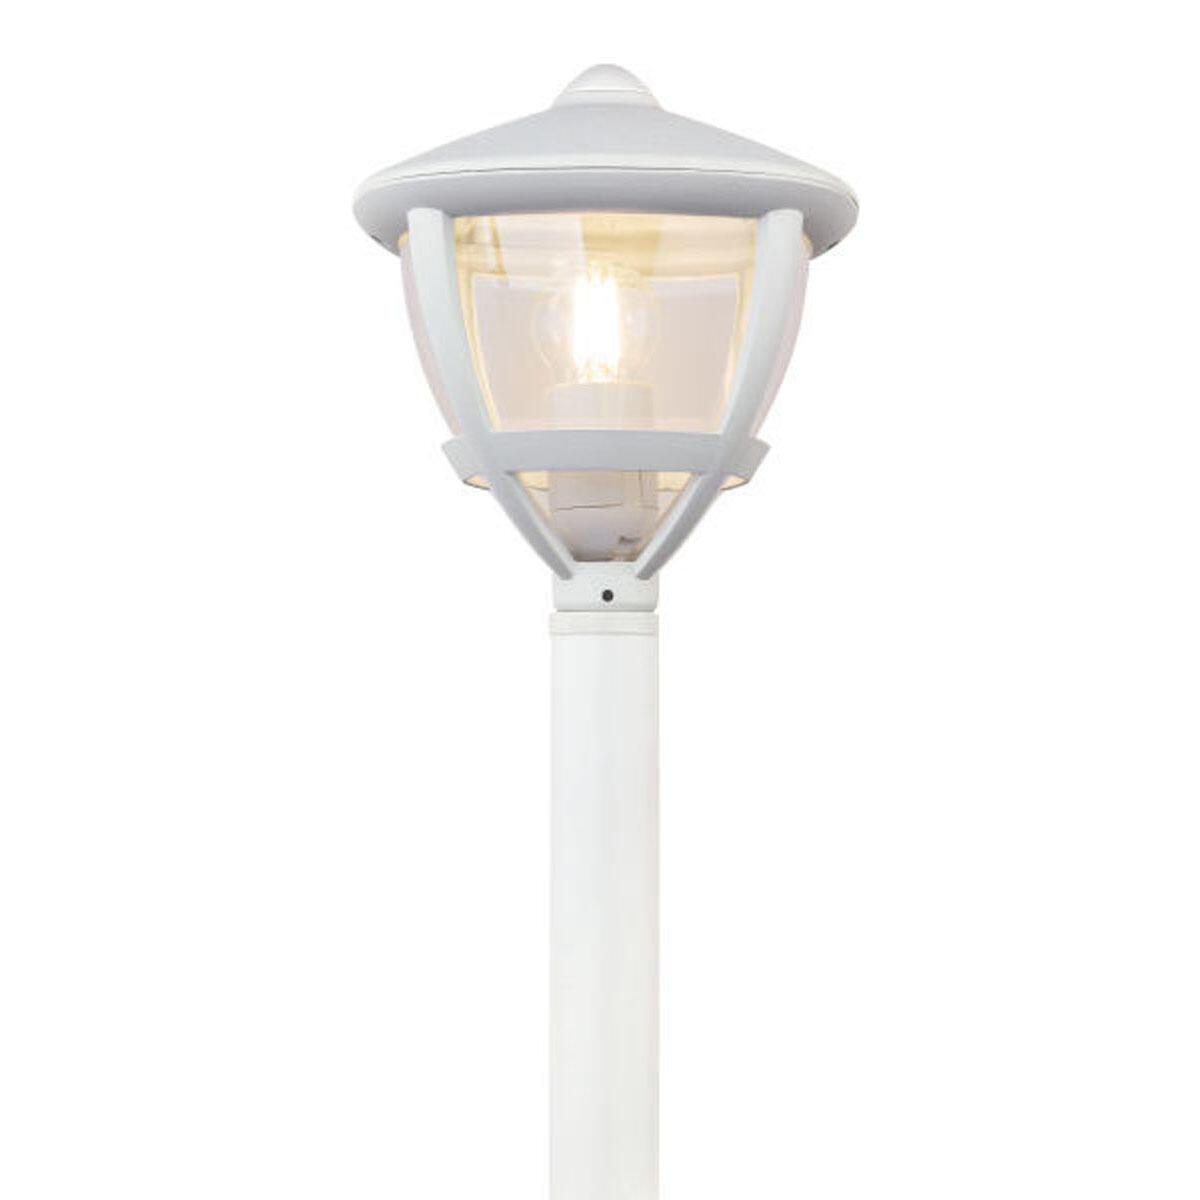 Lampione Nollo H100 cm in alluminio, bianco, E27 1x MAX 40W IP44 GLOBO - 4